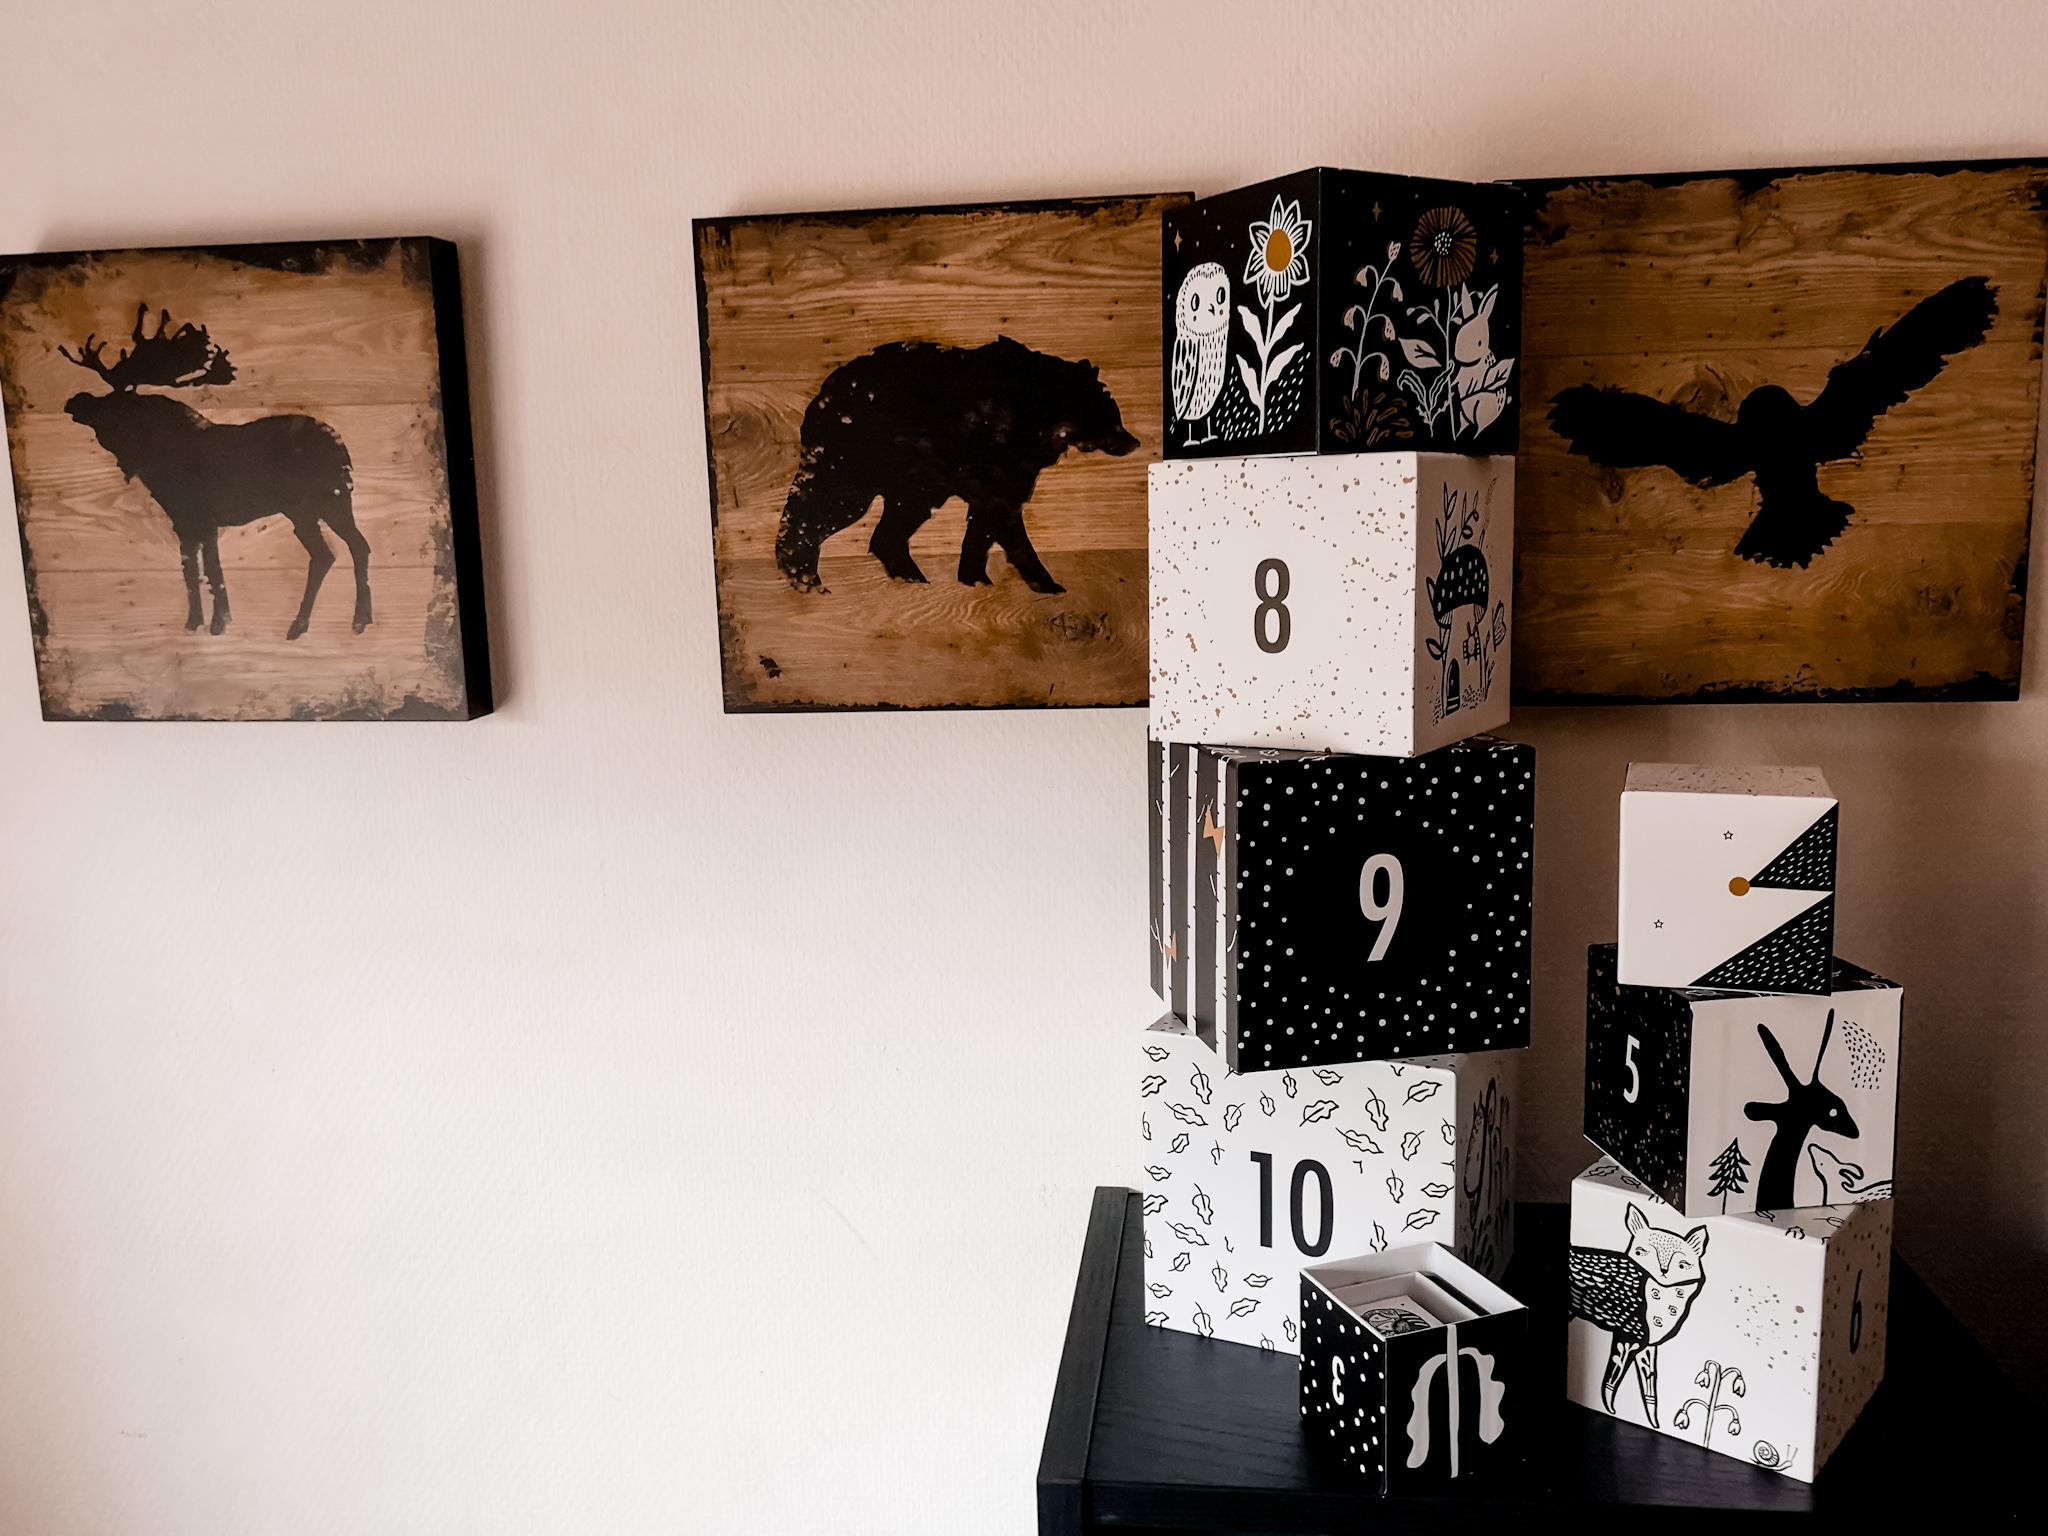 Mevrouw de beer - Blokkentoren met getallen